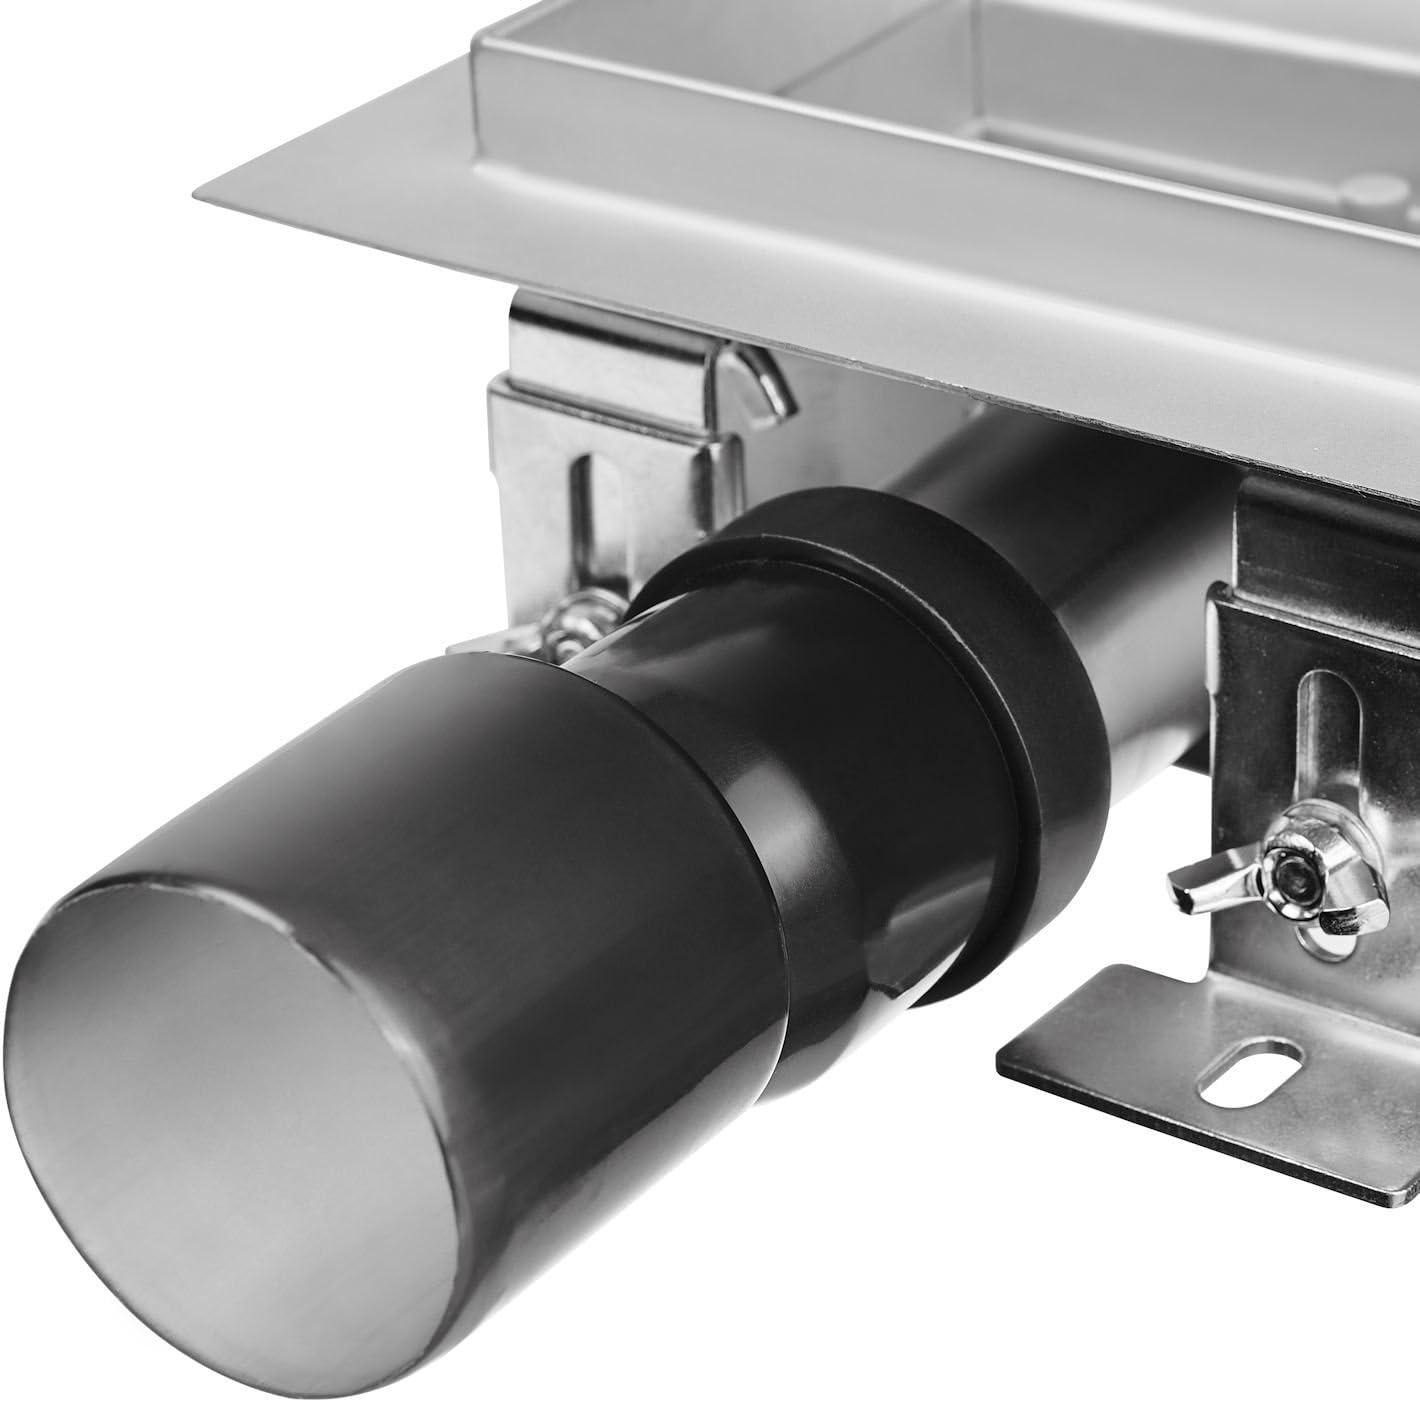 12 x 12 cm Zelsius moderne en acier inoxydable de douche bonde plusieurs mod/èles et tailles Caniveau de douche Cowell